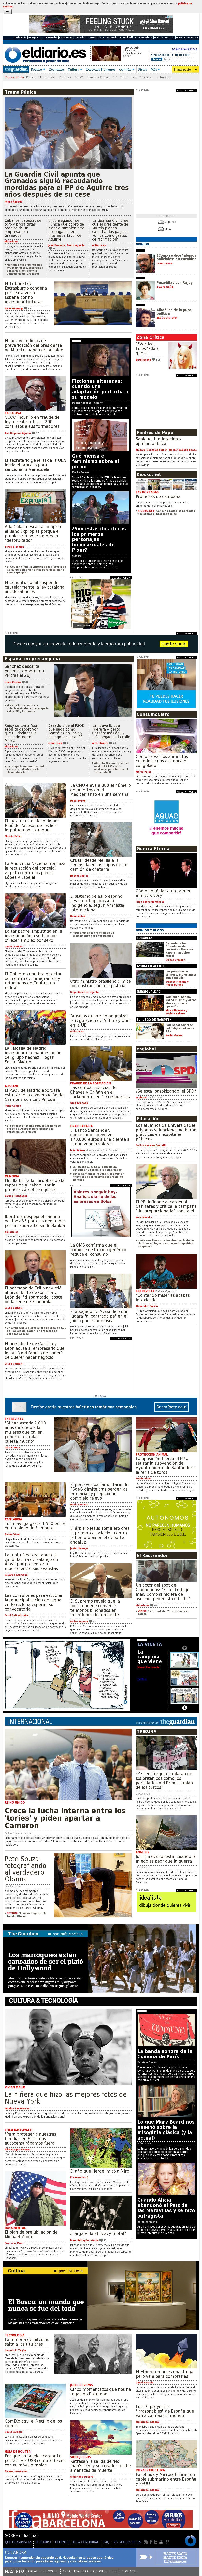 El Diario at Tuesday May 31, 2016, 7:03 p.m. UTC